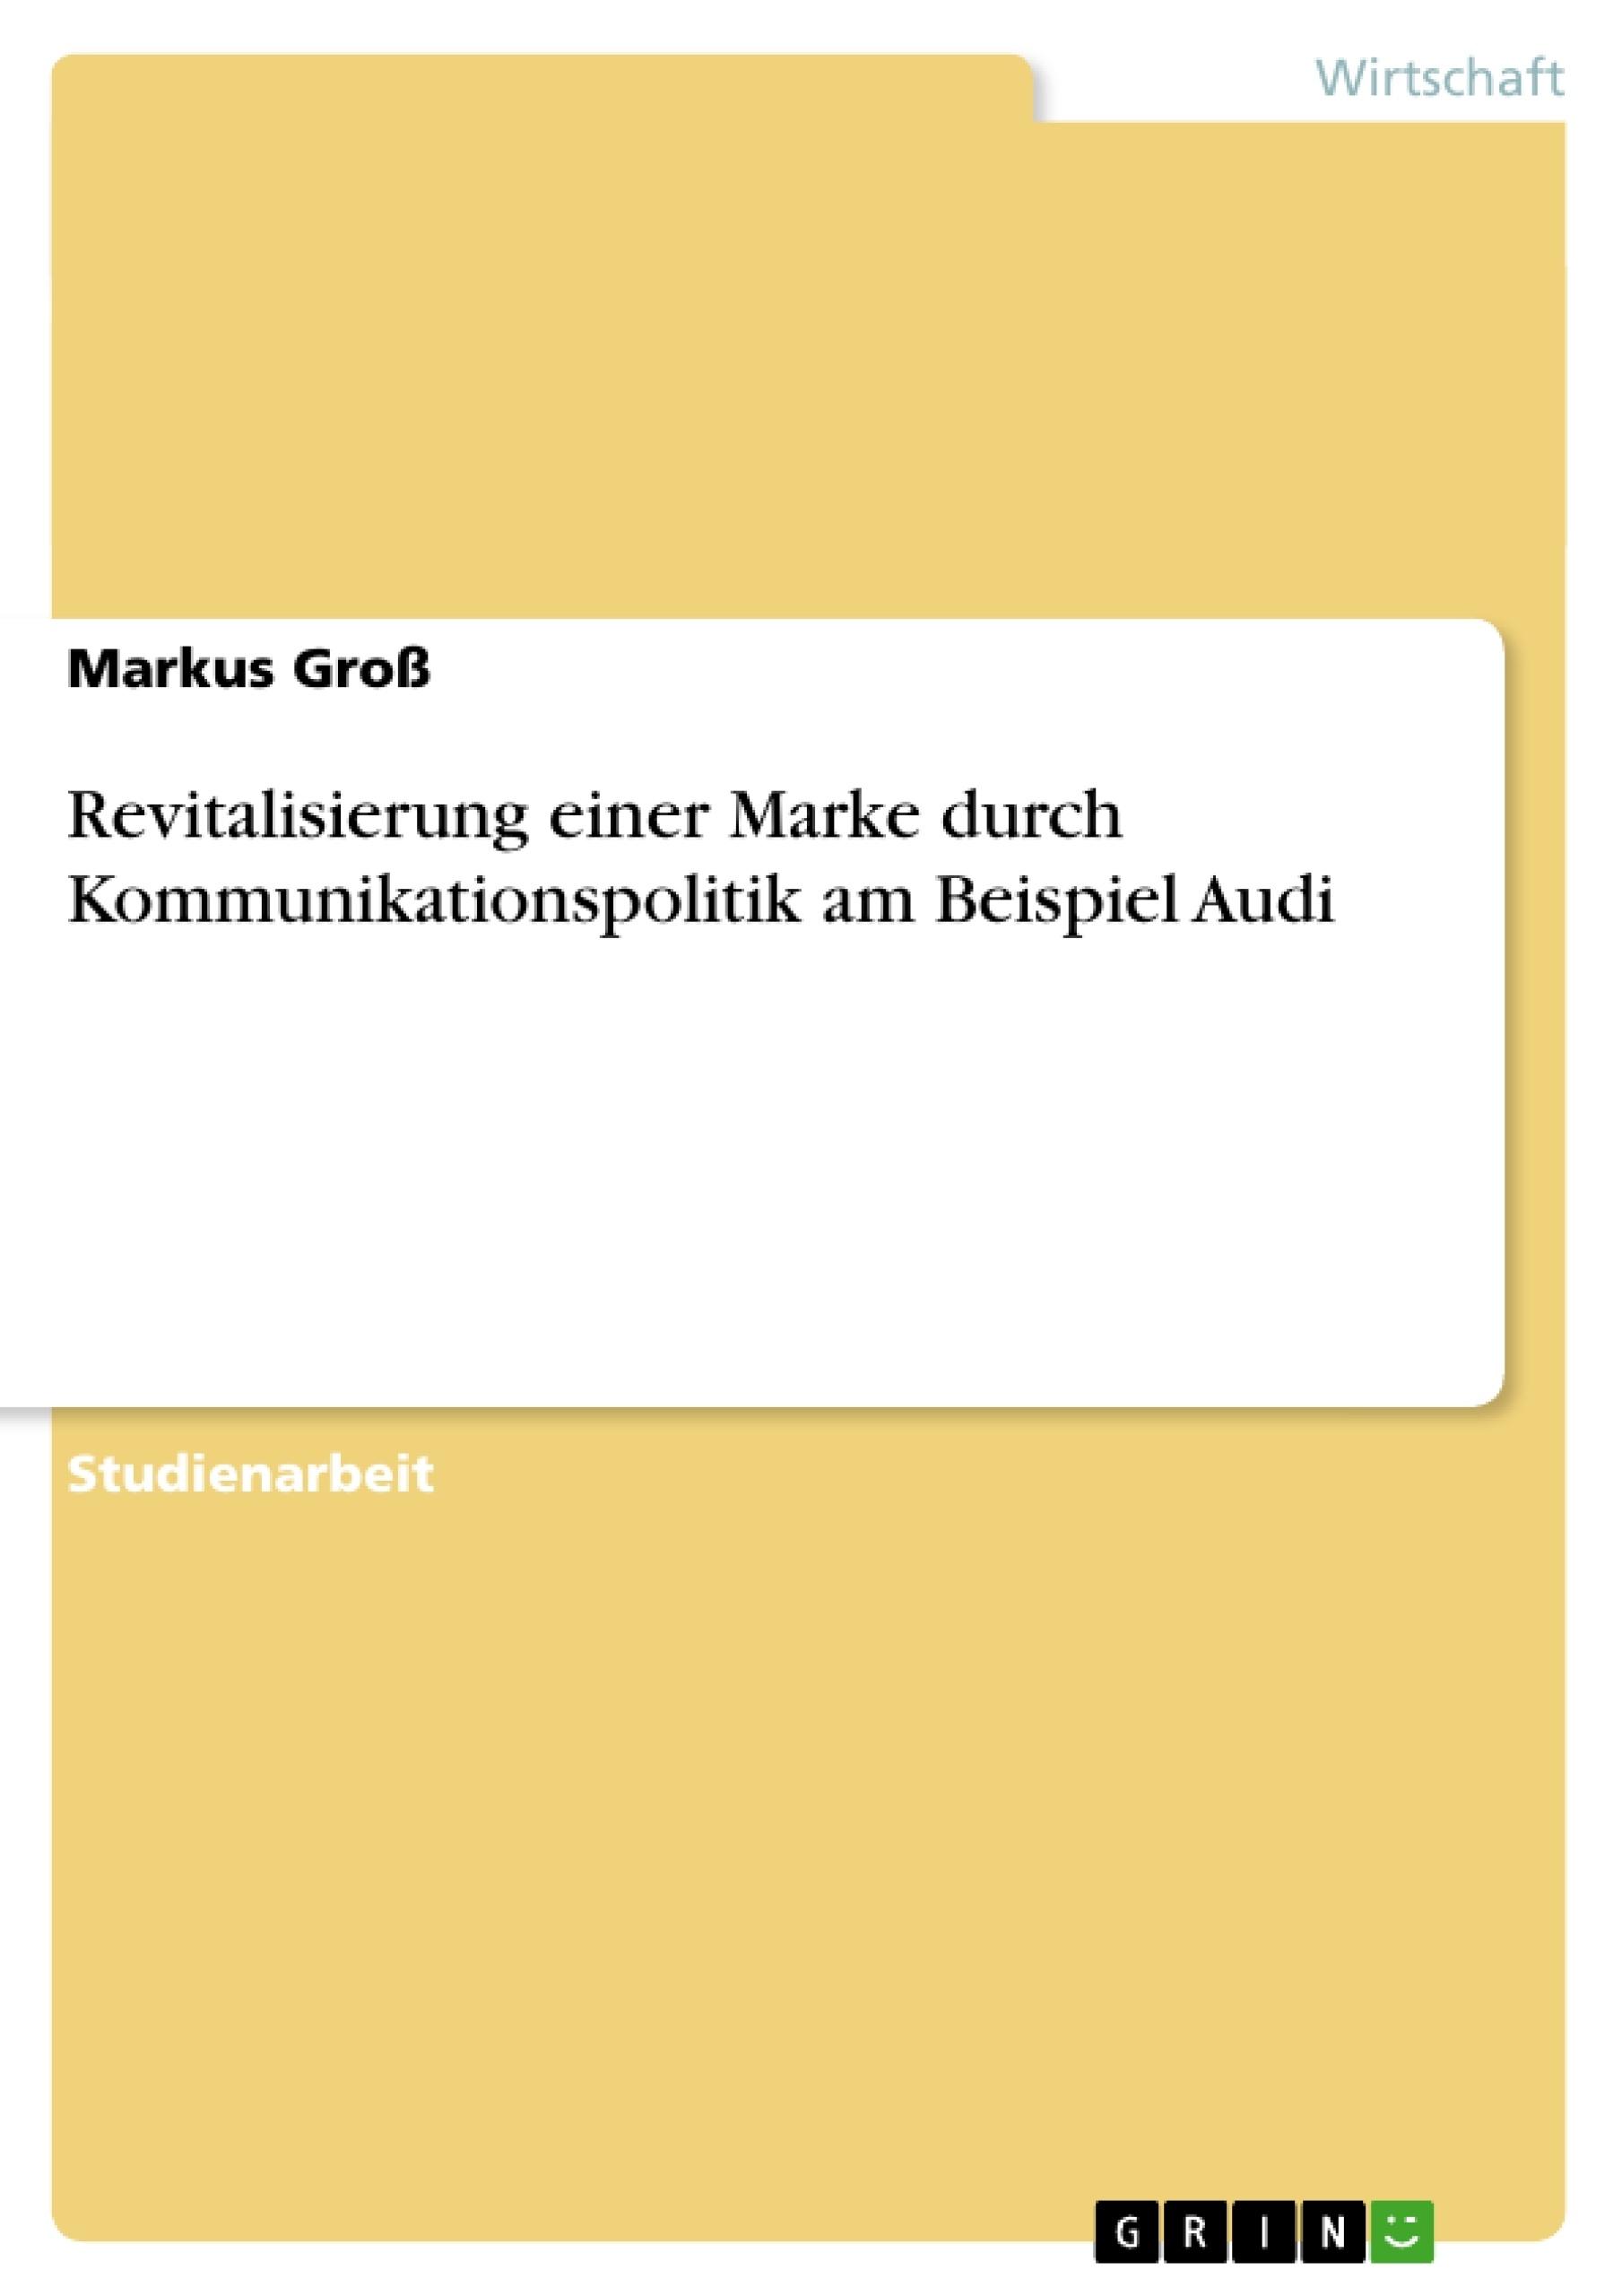 Titel: Revitalisierung einer Marke durch Kommunikationspolitik am Beispiel Audi